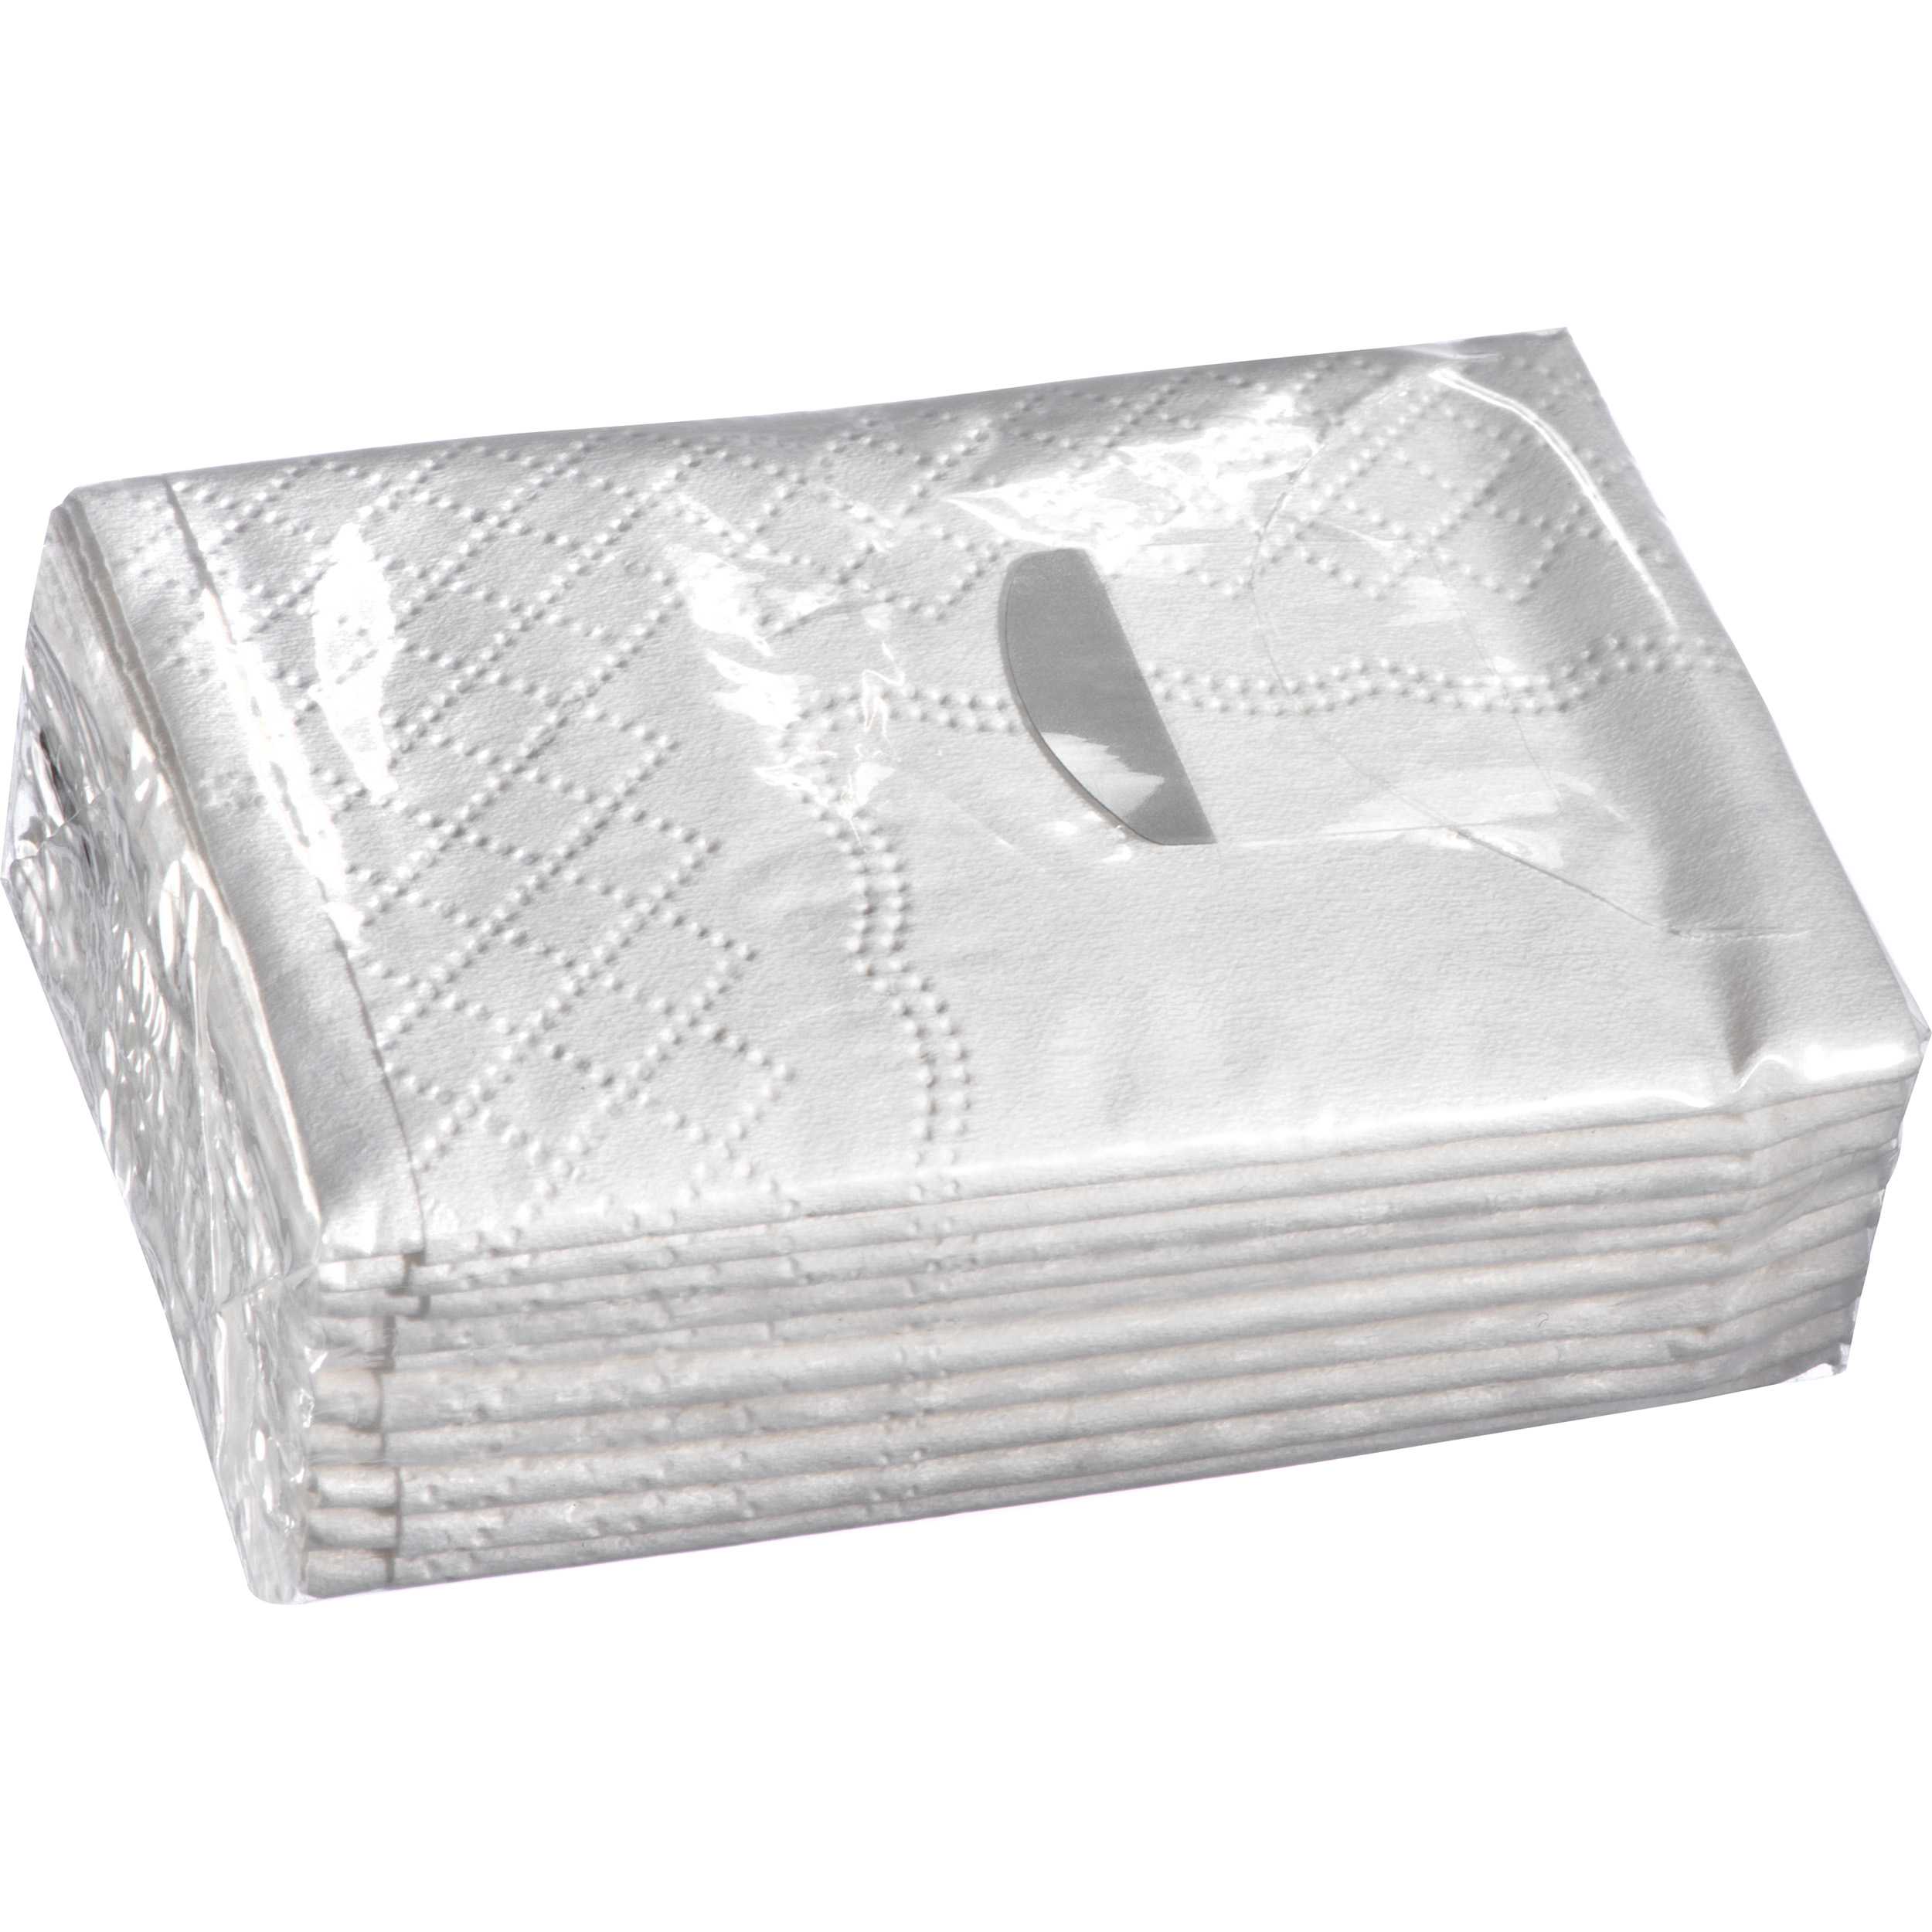 10 pcs handkerchieve 3-fold